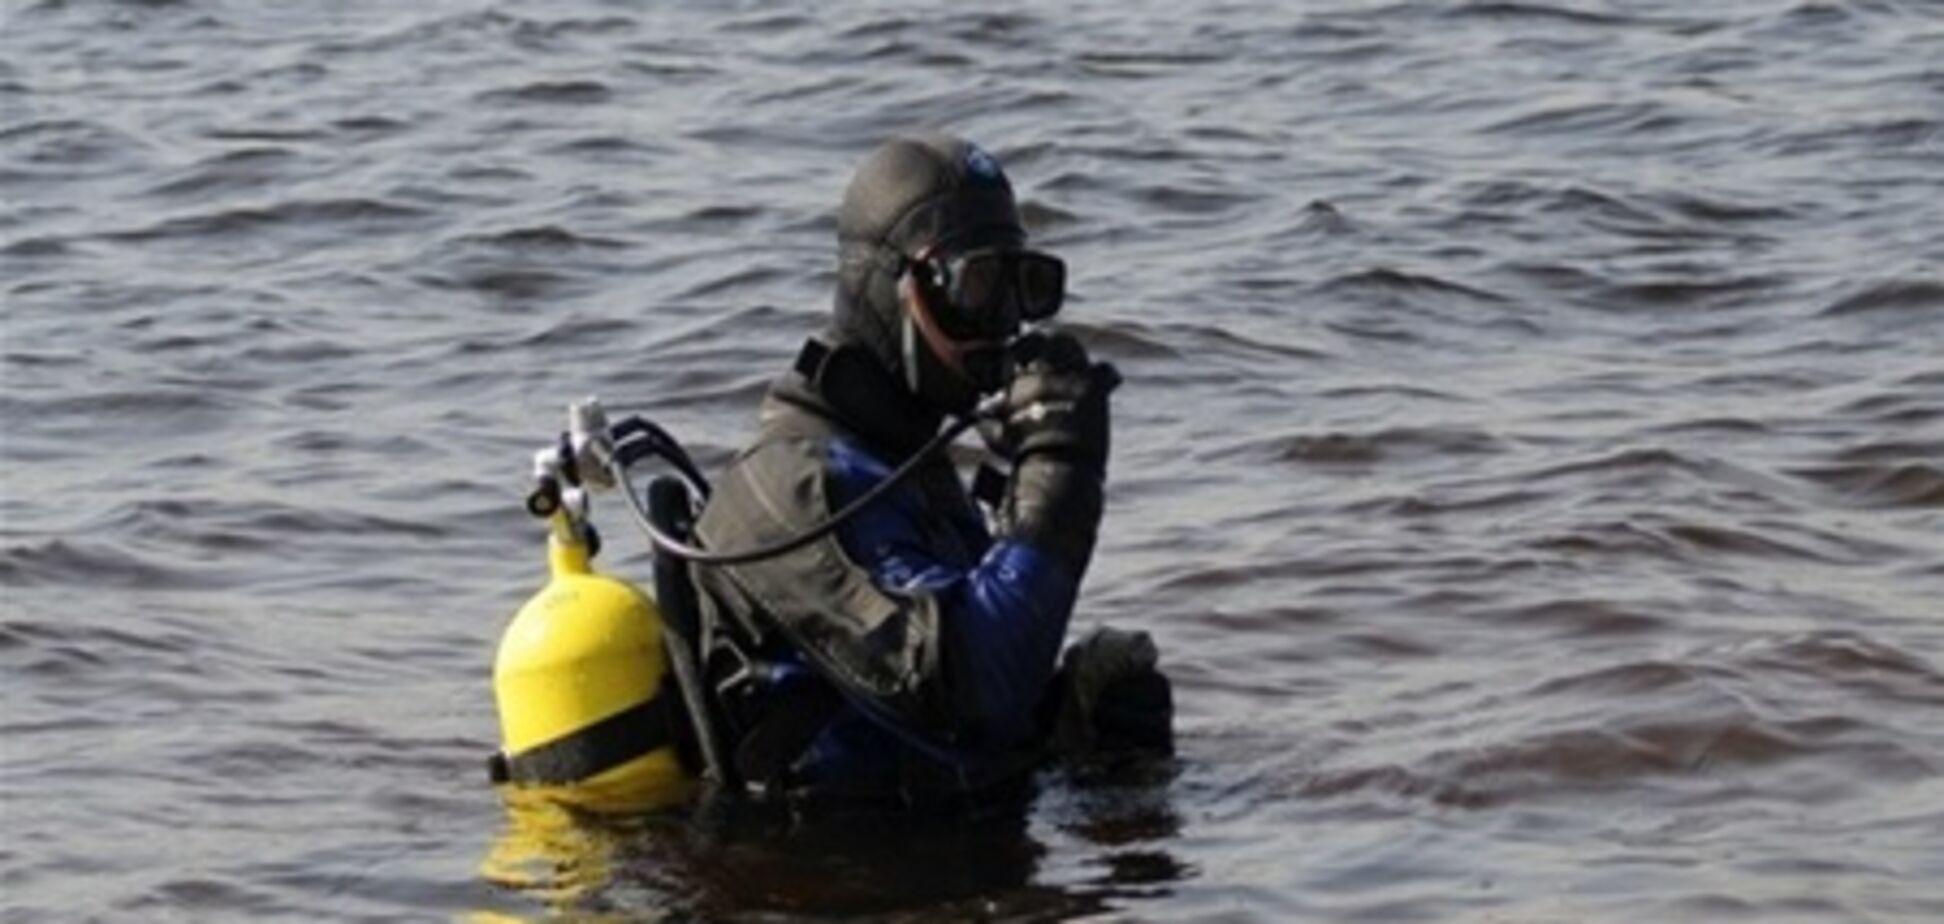 В Латвии Мазда упала в реку: 7 погибших